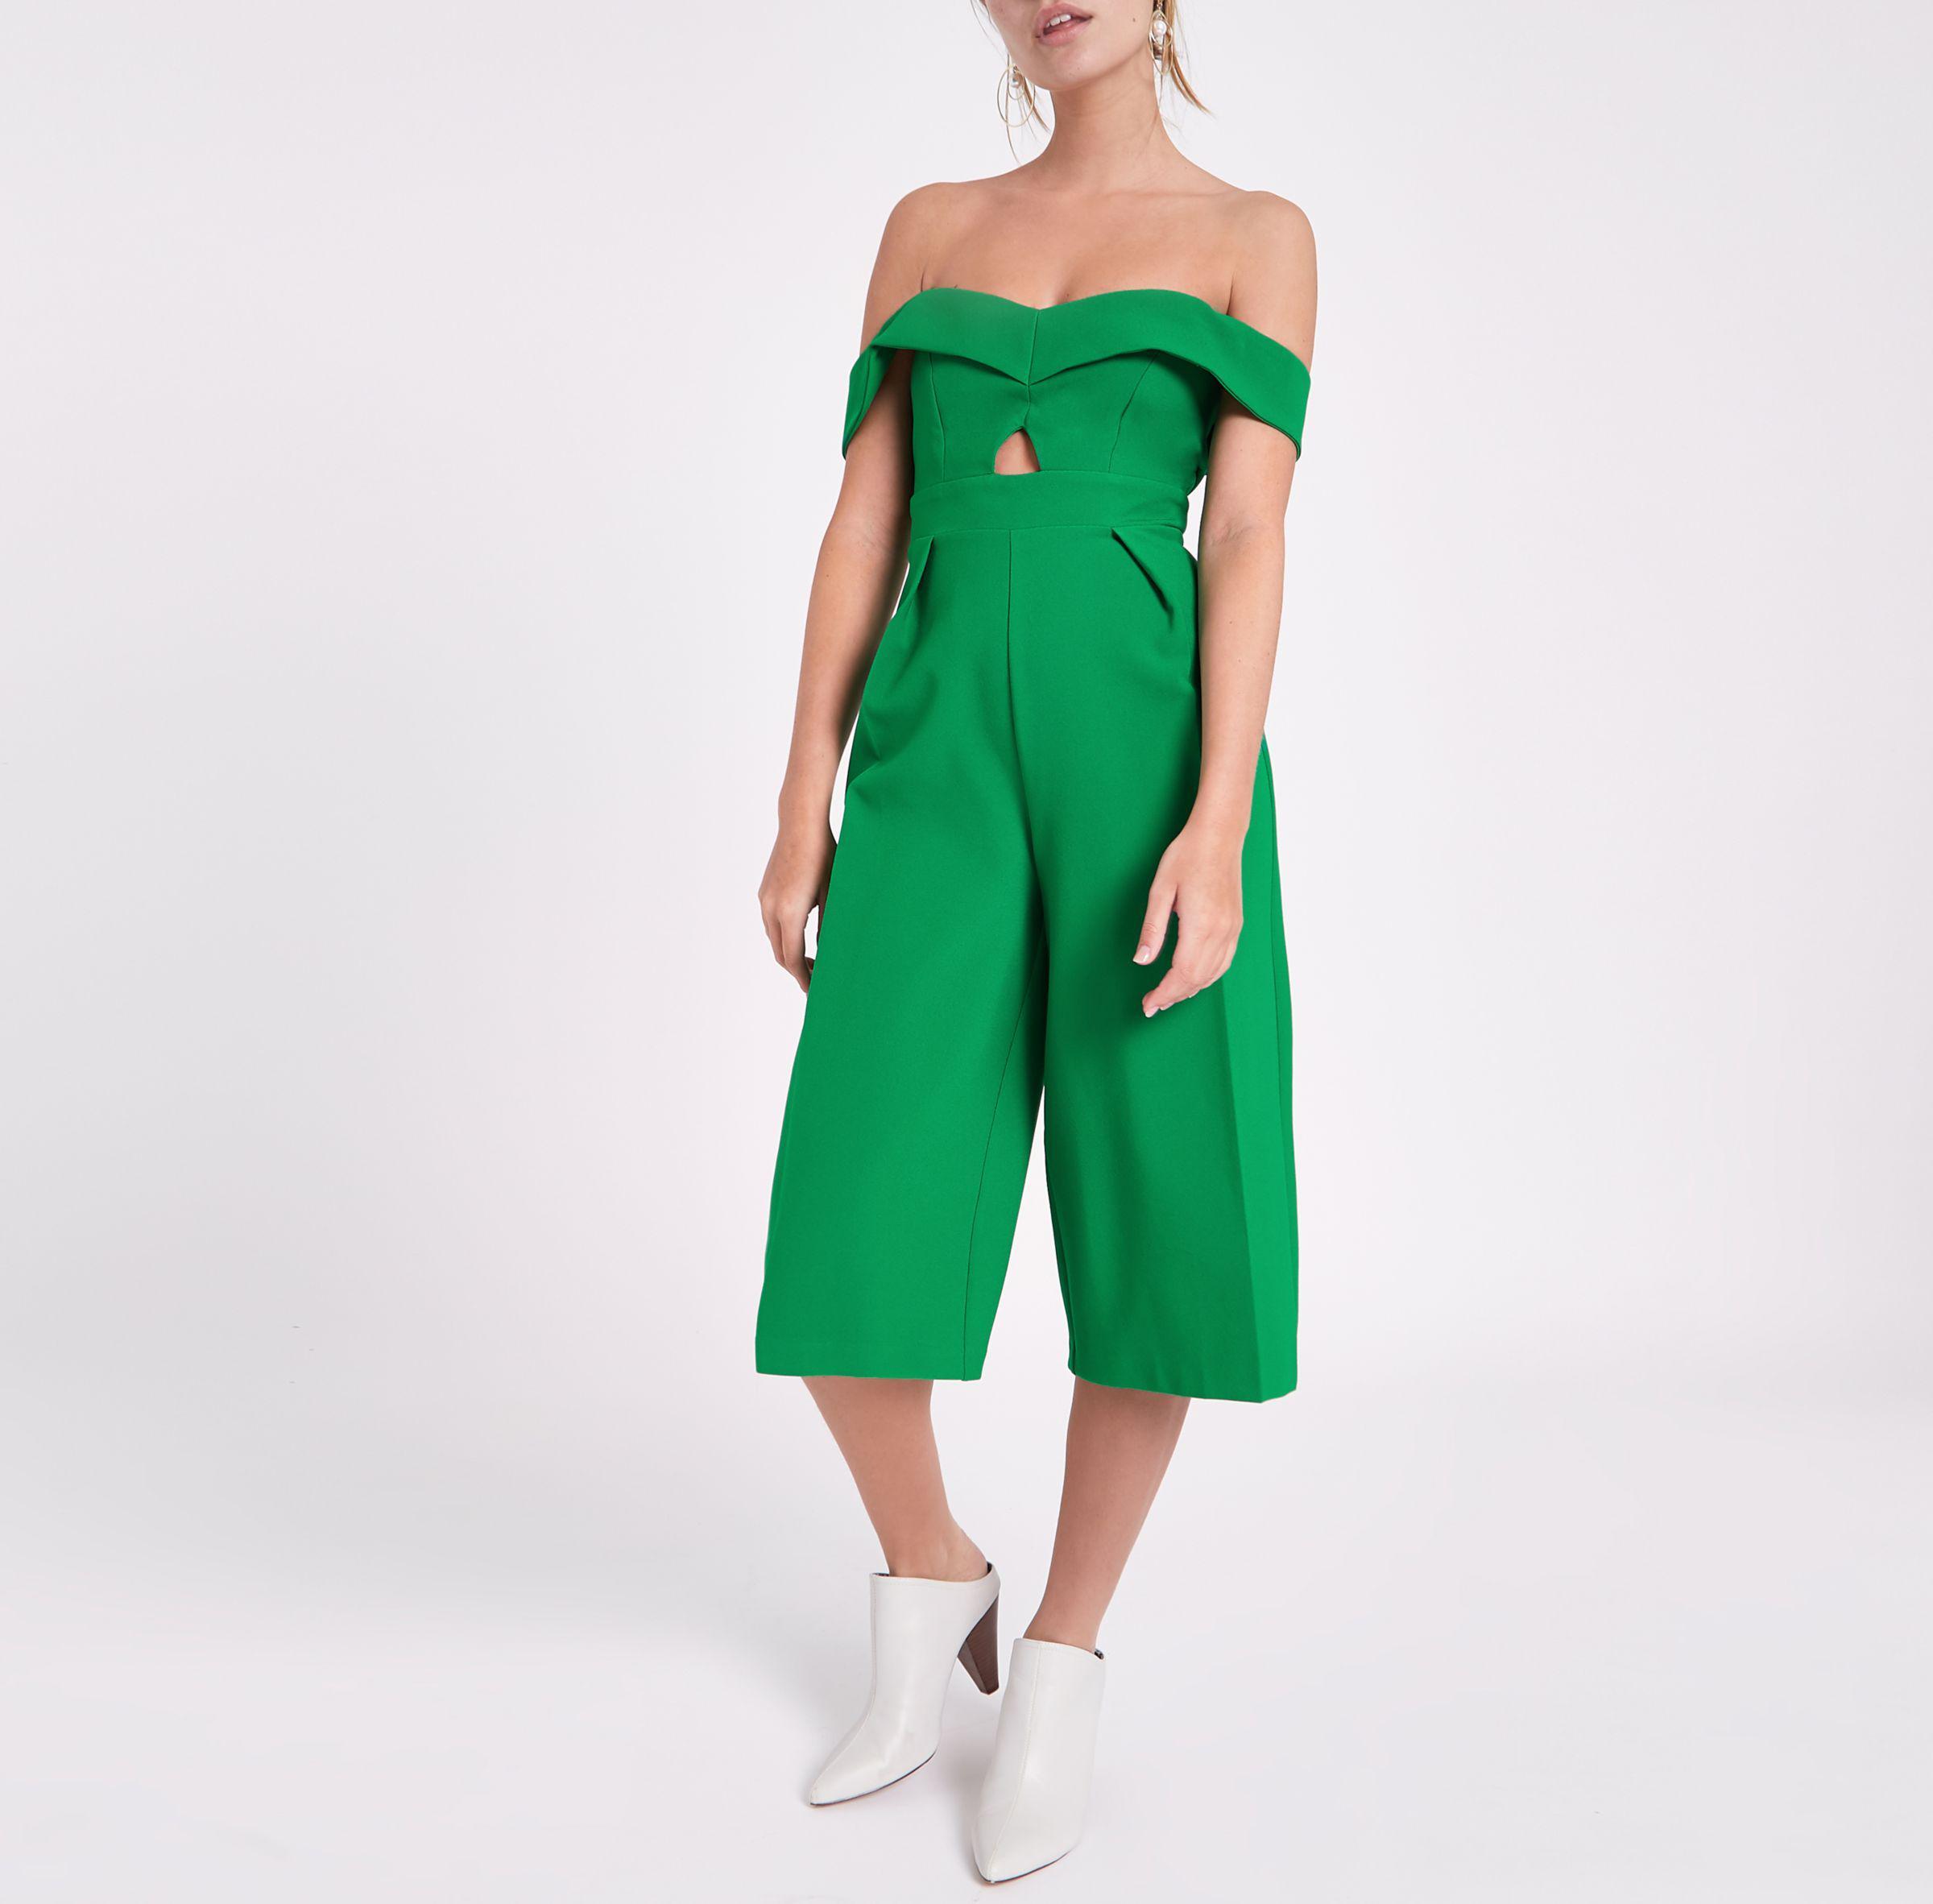 8c9015e22a1a Lyst - River Island Petite Bardot Cut Out Culotte Jumpsuit in Green